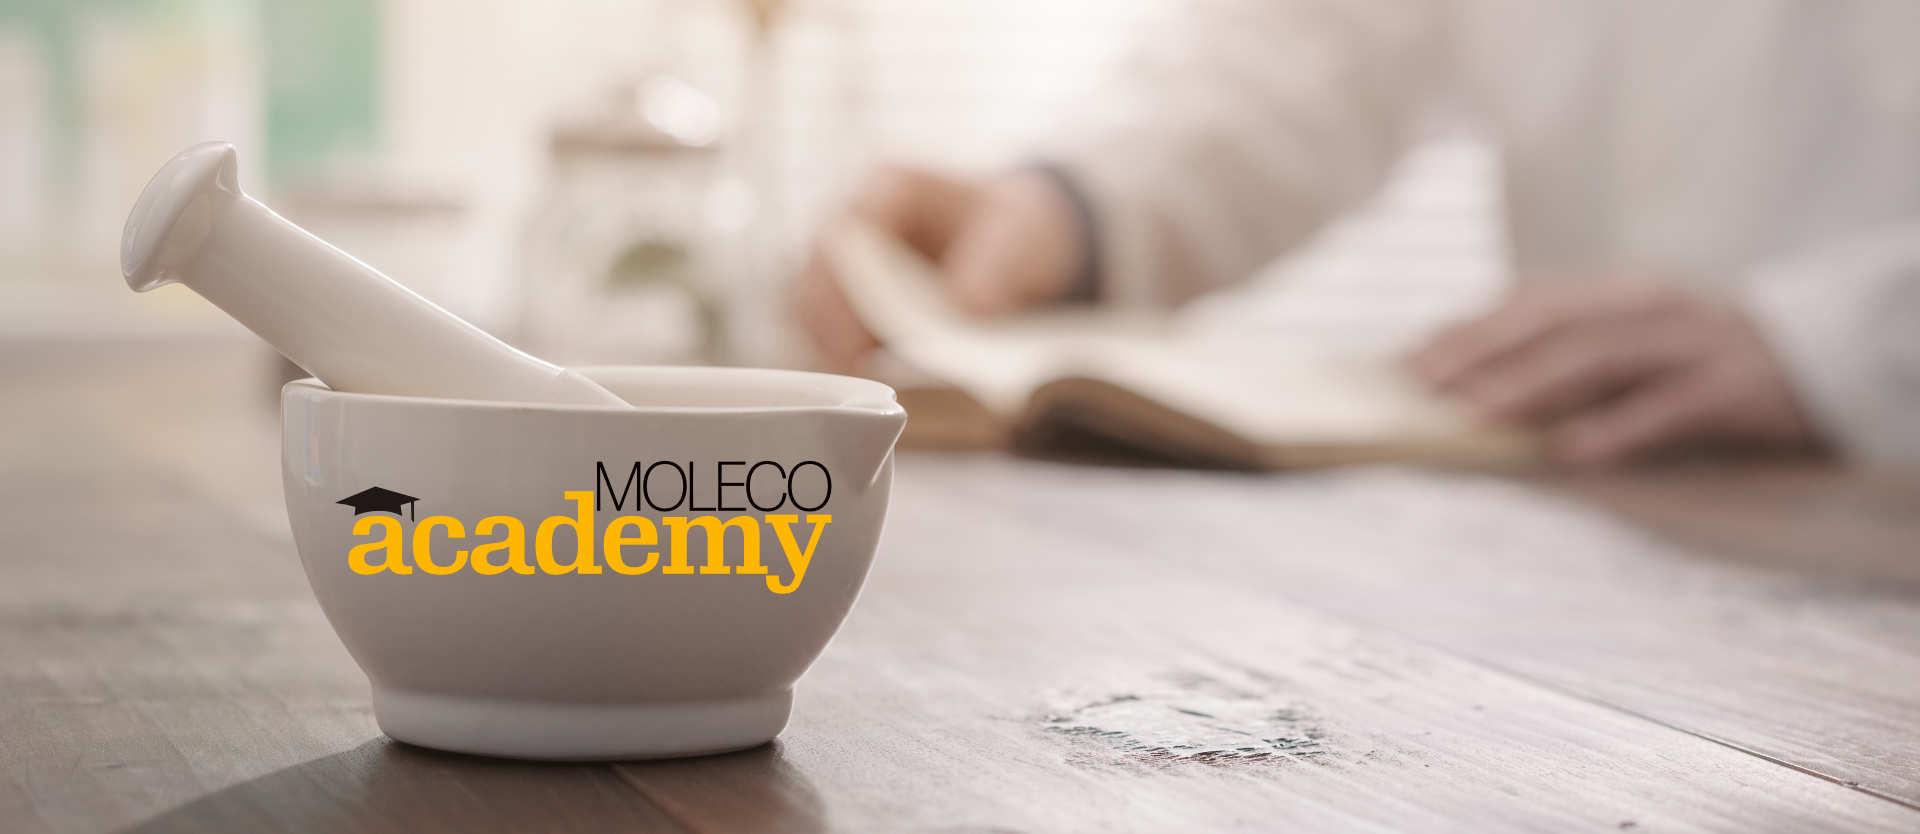 Strumenti per lo studio in MOLECO academy